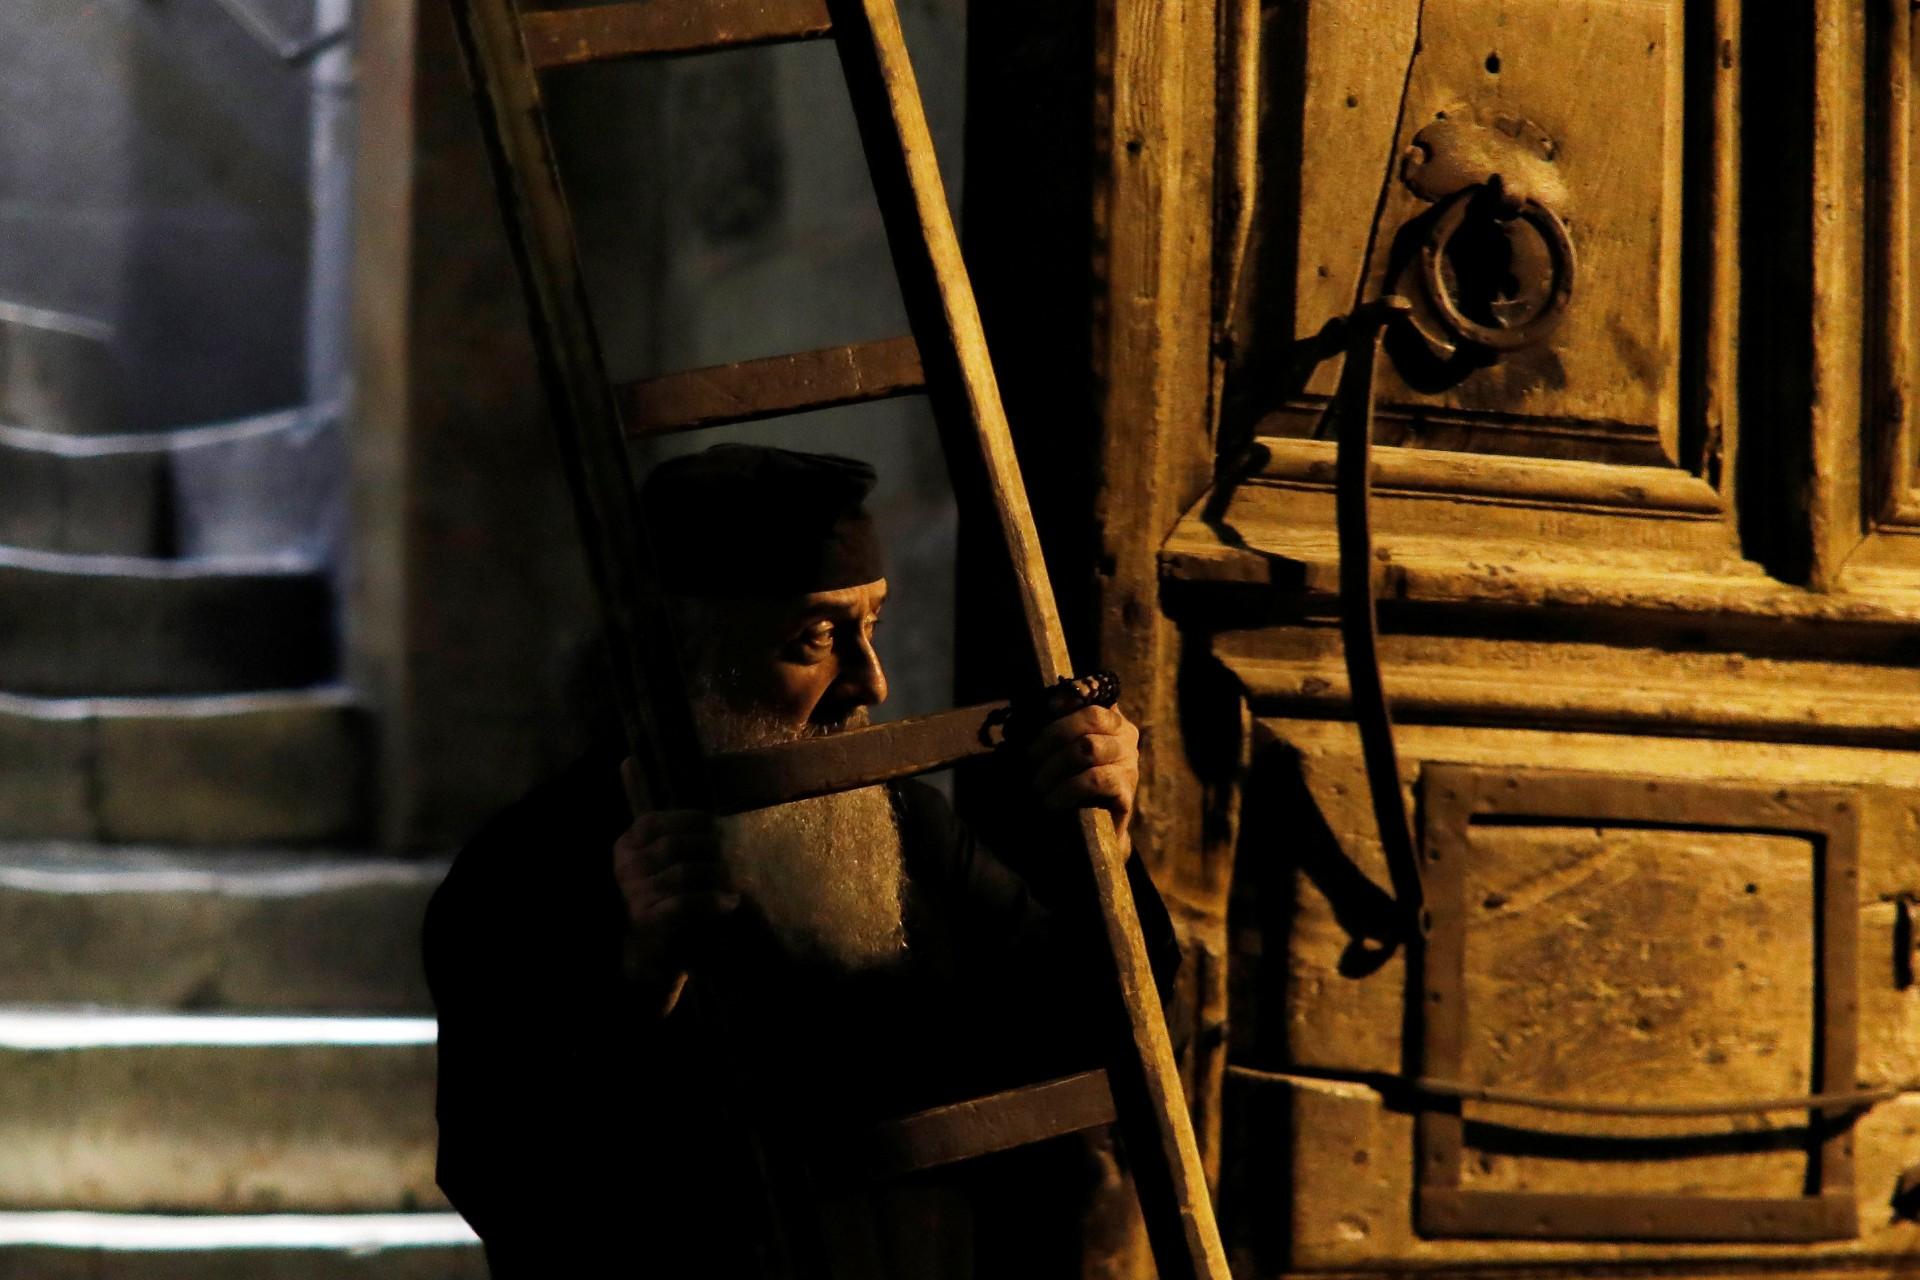 Un sacerdote cristiano ortodoxo sostiene una escalera cerca de la puerta de entrada de la Iglesia del Santo Sepulcro en la Ciudad Vieja de Jerusalén, 17 de noviembre de 2018.